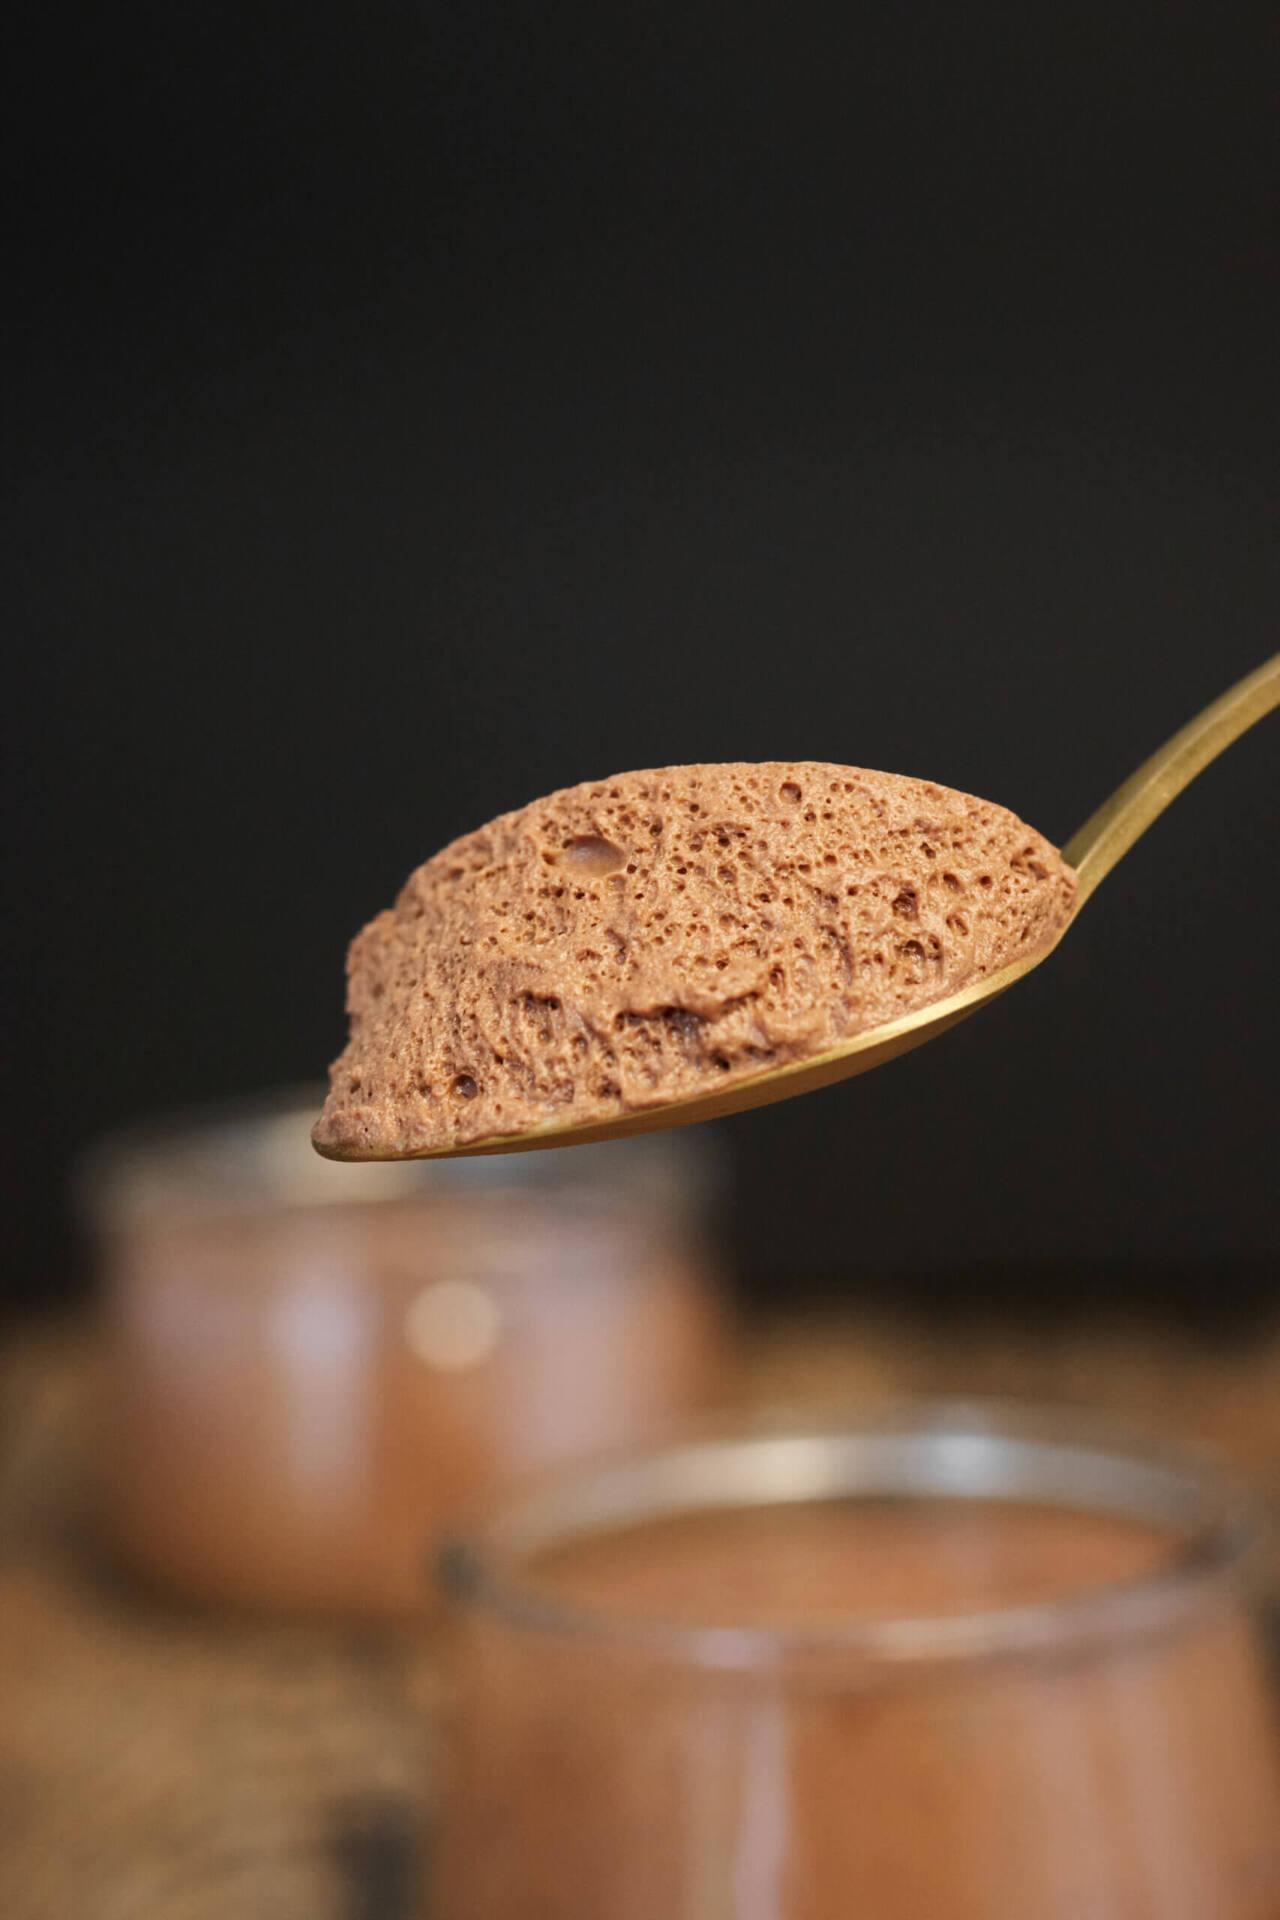 Cuillère de mousse au chocolat vegan